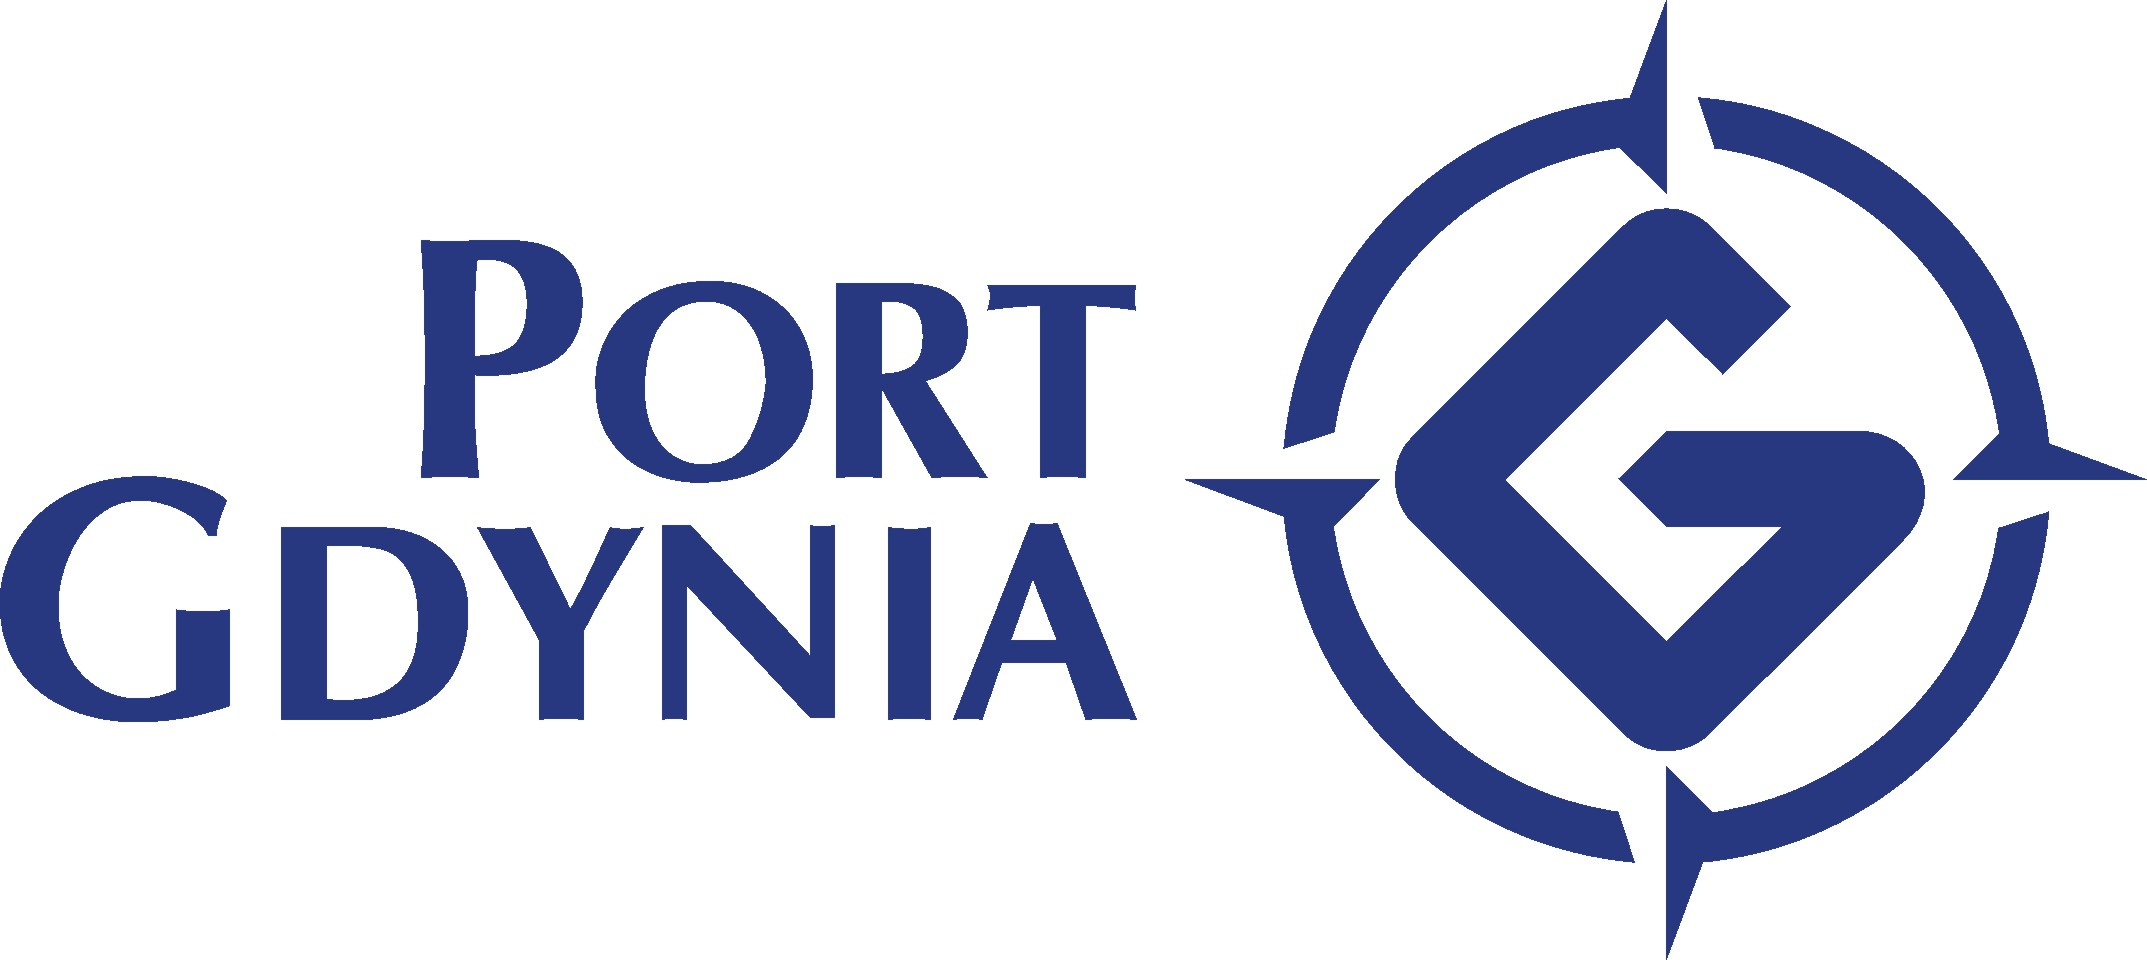 Port Gdynia przystąpił do grona członków Klastra Technologii Wodorowych